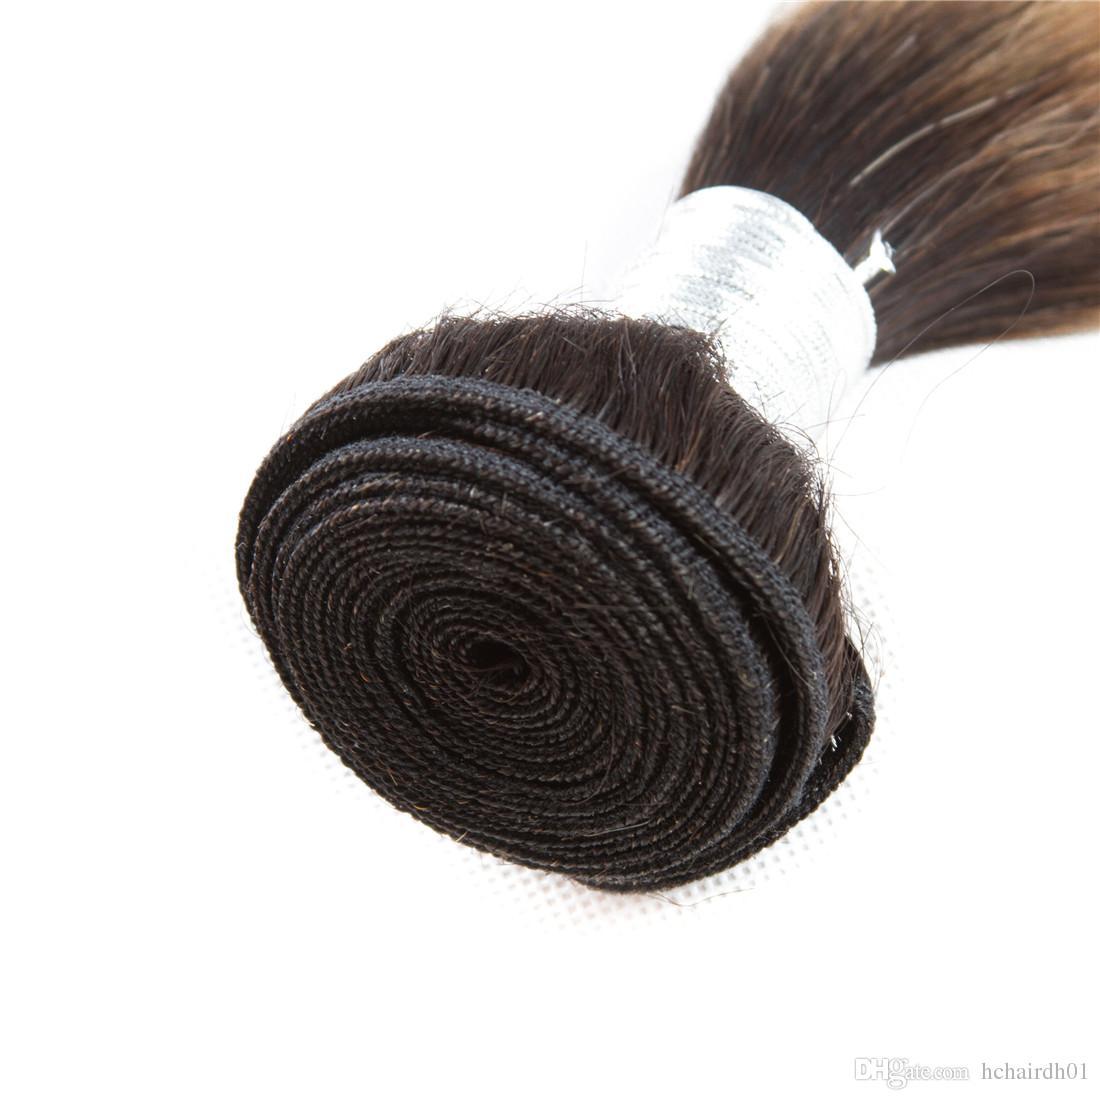 الشعر الهندي الخام قبل اللون 3 حزم مع إغلاق 1b 27 أومبير شقراء مستقيم الشعر البشري ينسج حزم مع إغلاق الشعر البشري 100 ٪